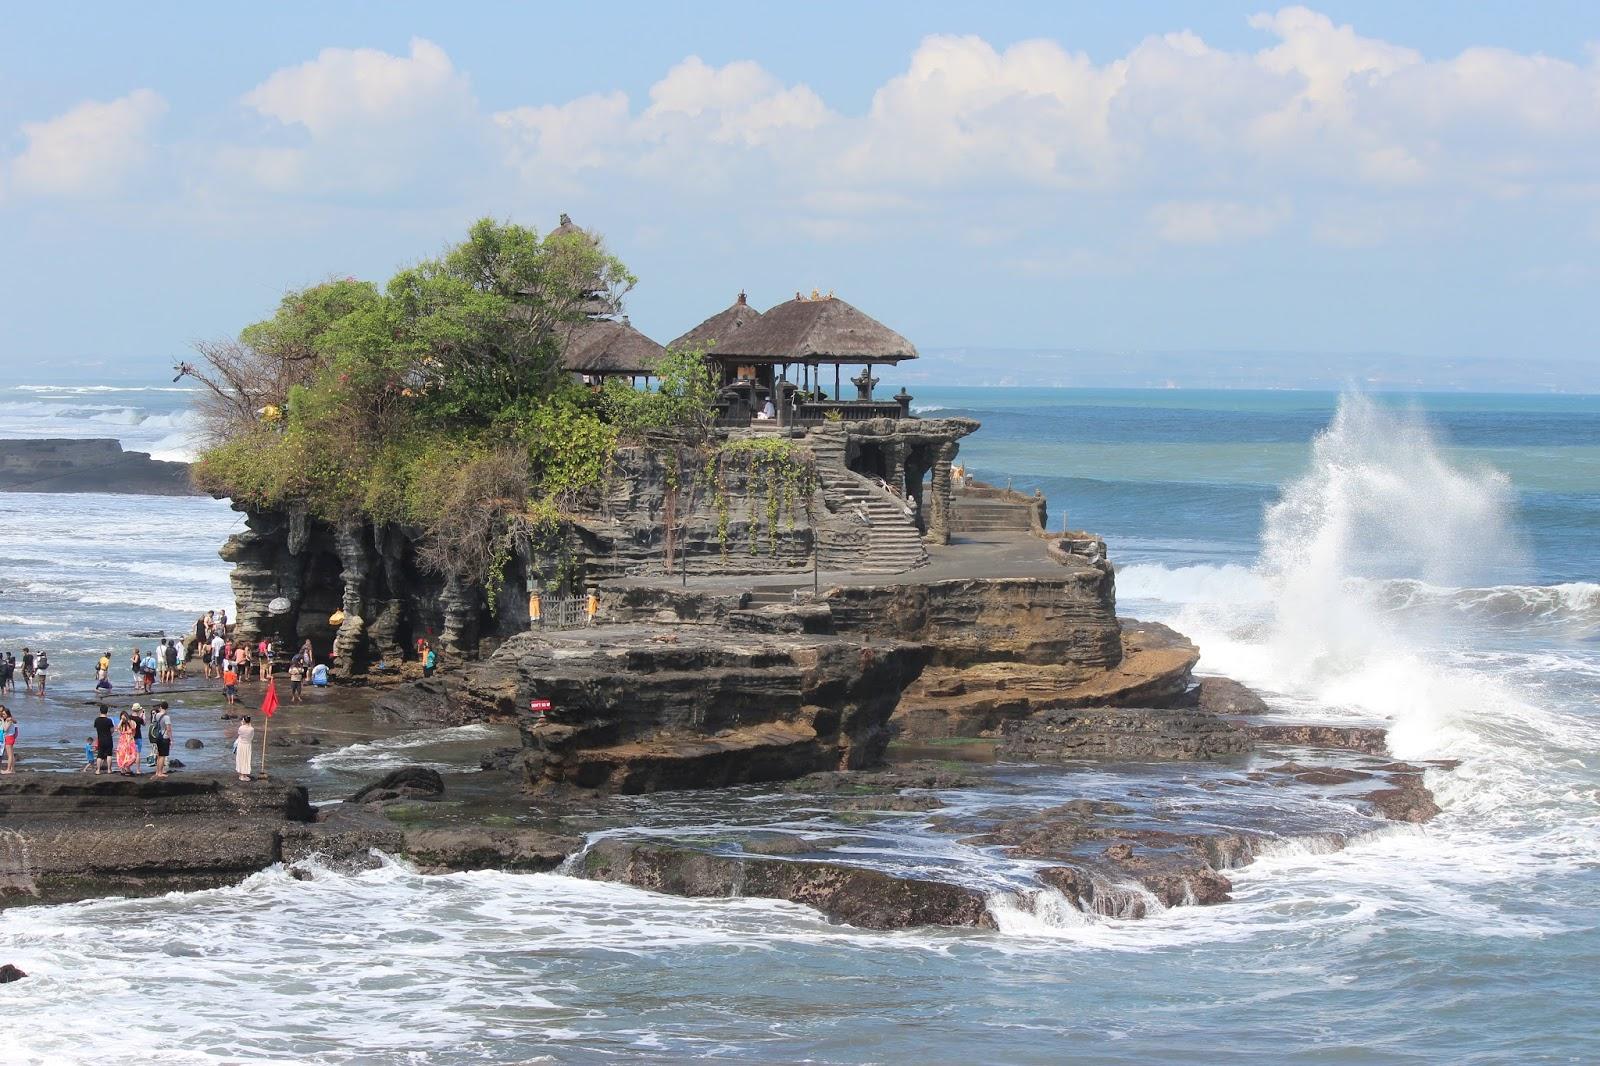 WISATA INDONESIA DAN DUNIA: >> Tanah Lot Salah Satu Tujuan Wisata